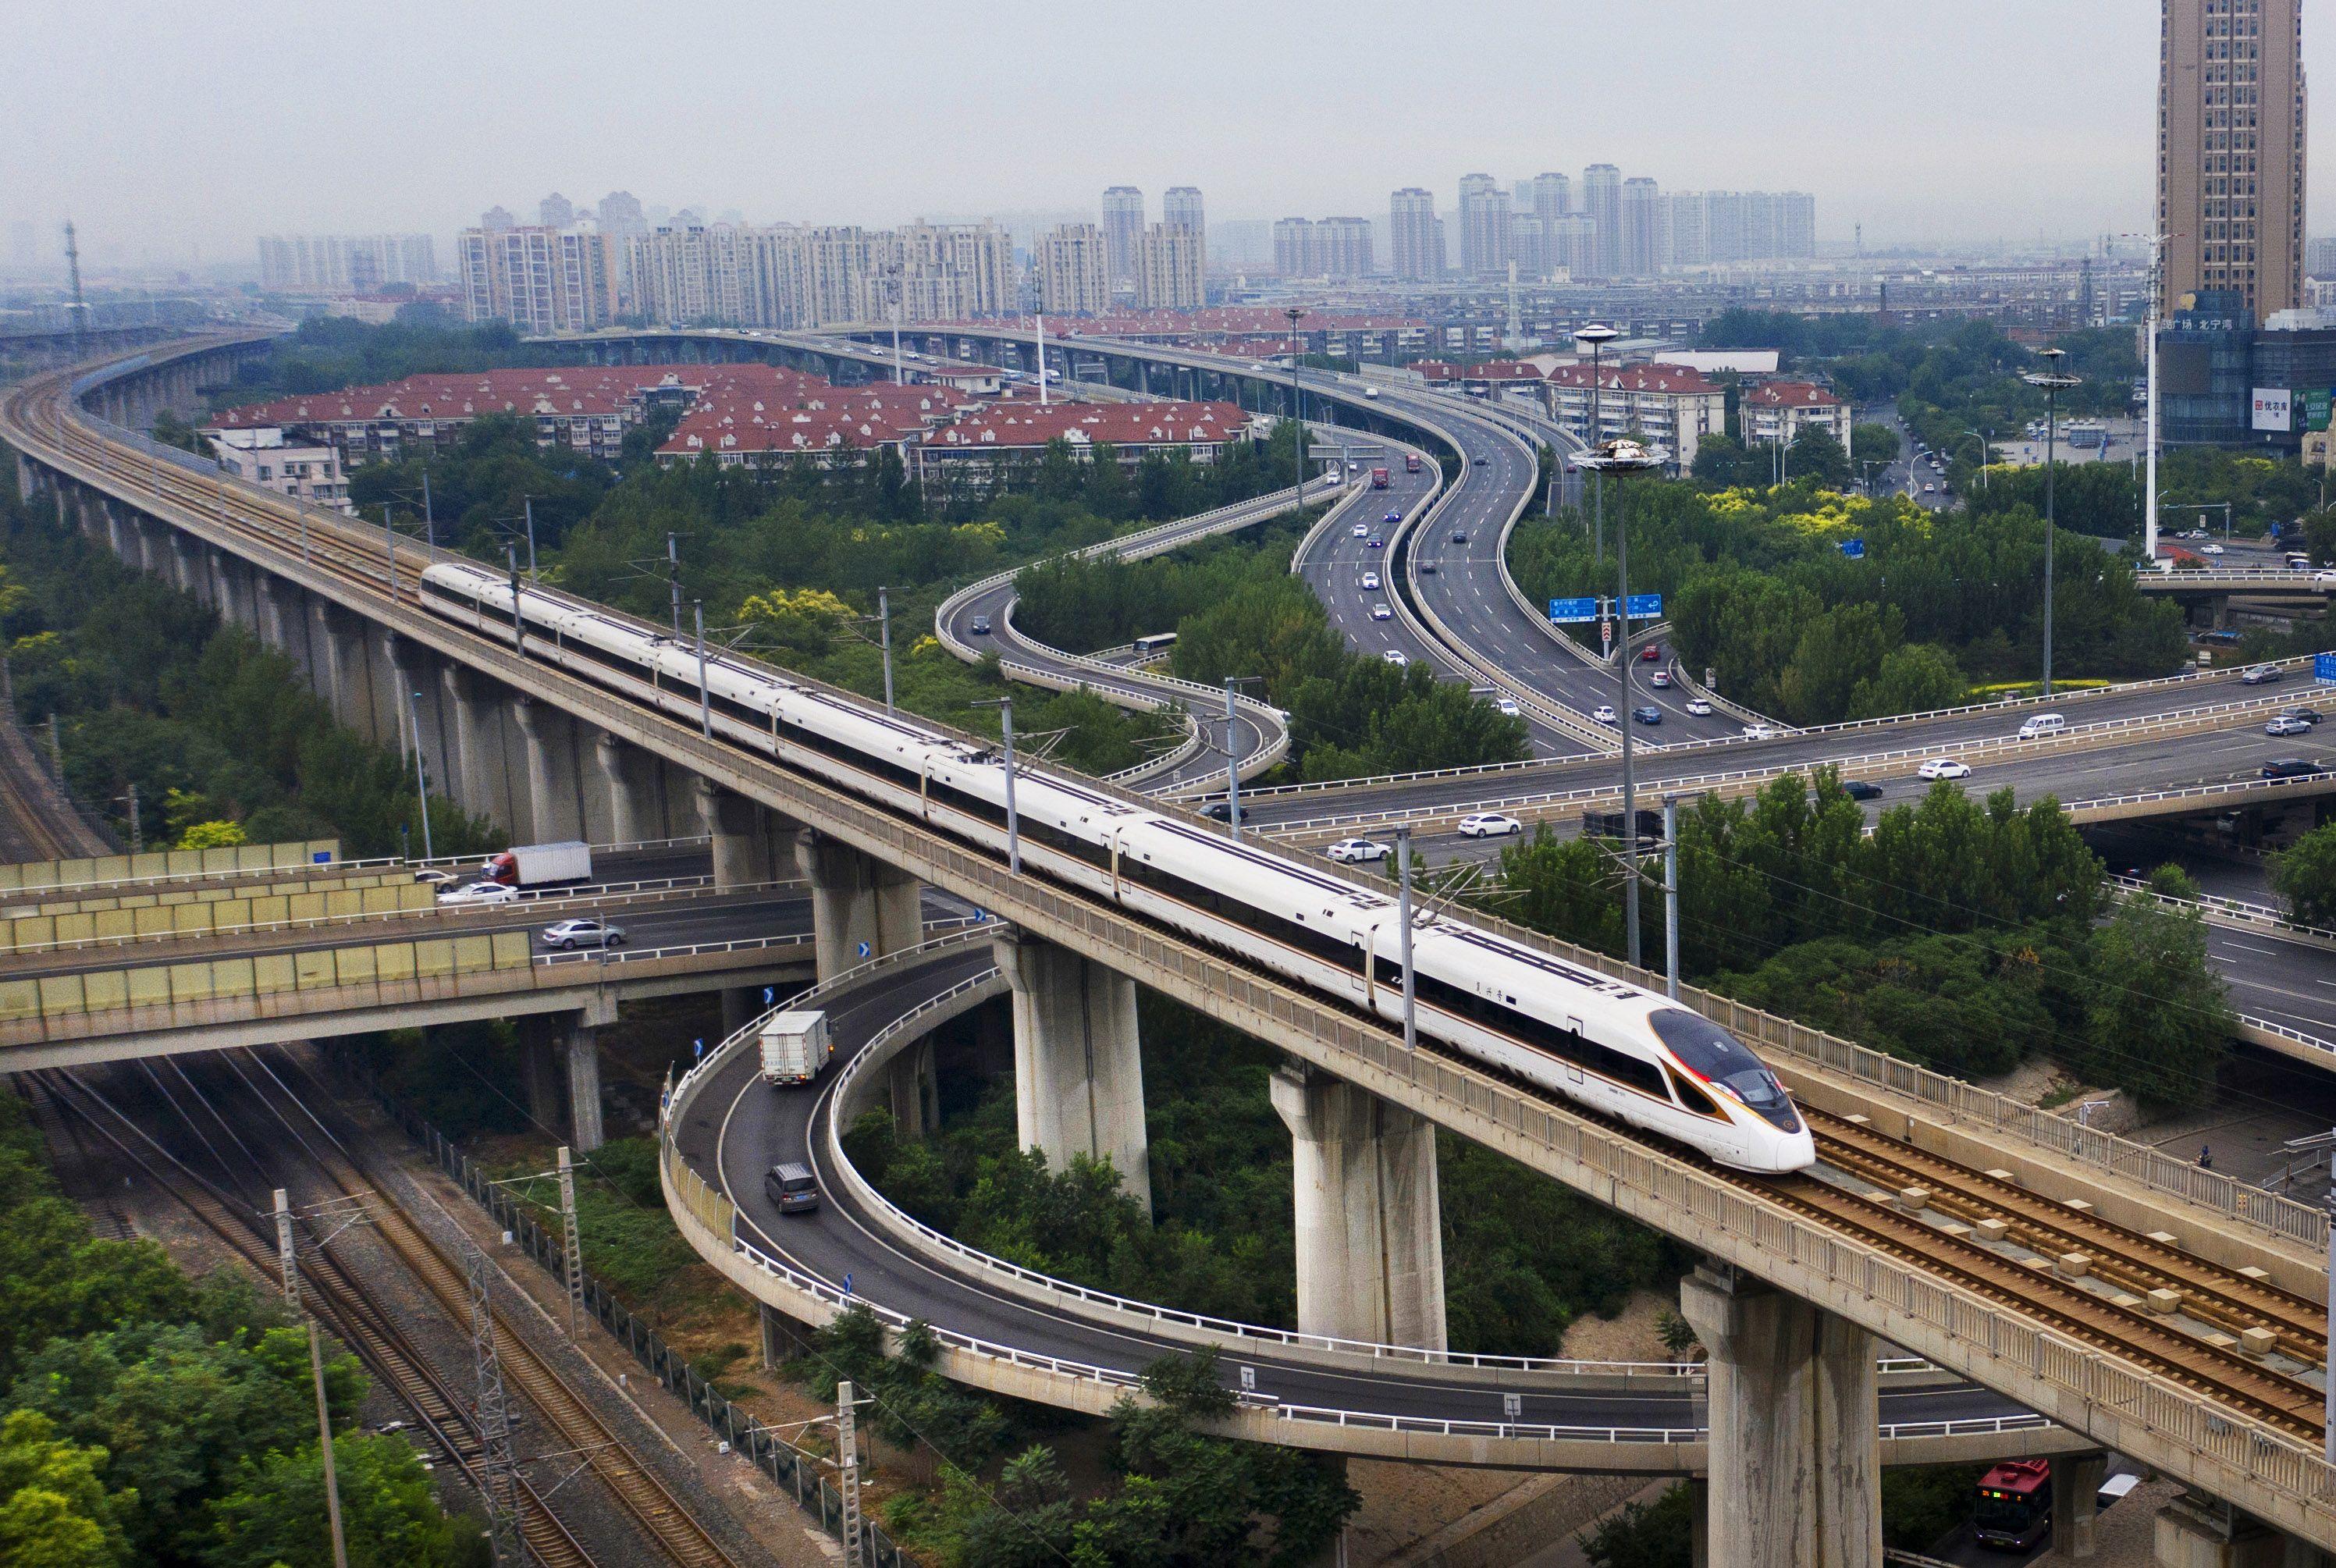 全國鐵路7月1日零時起實施新圖暑運同步開啟